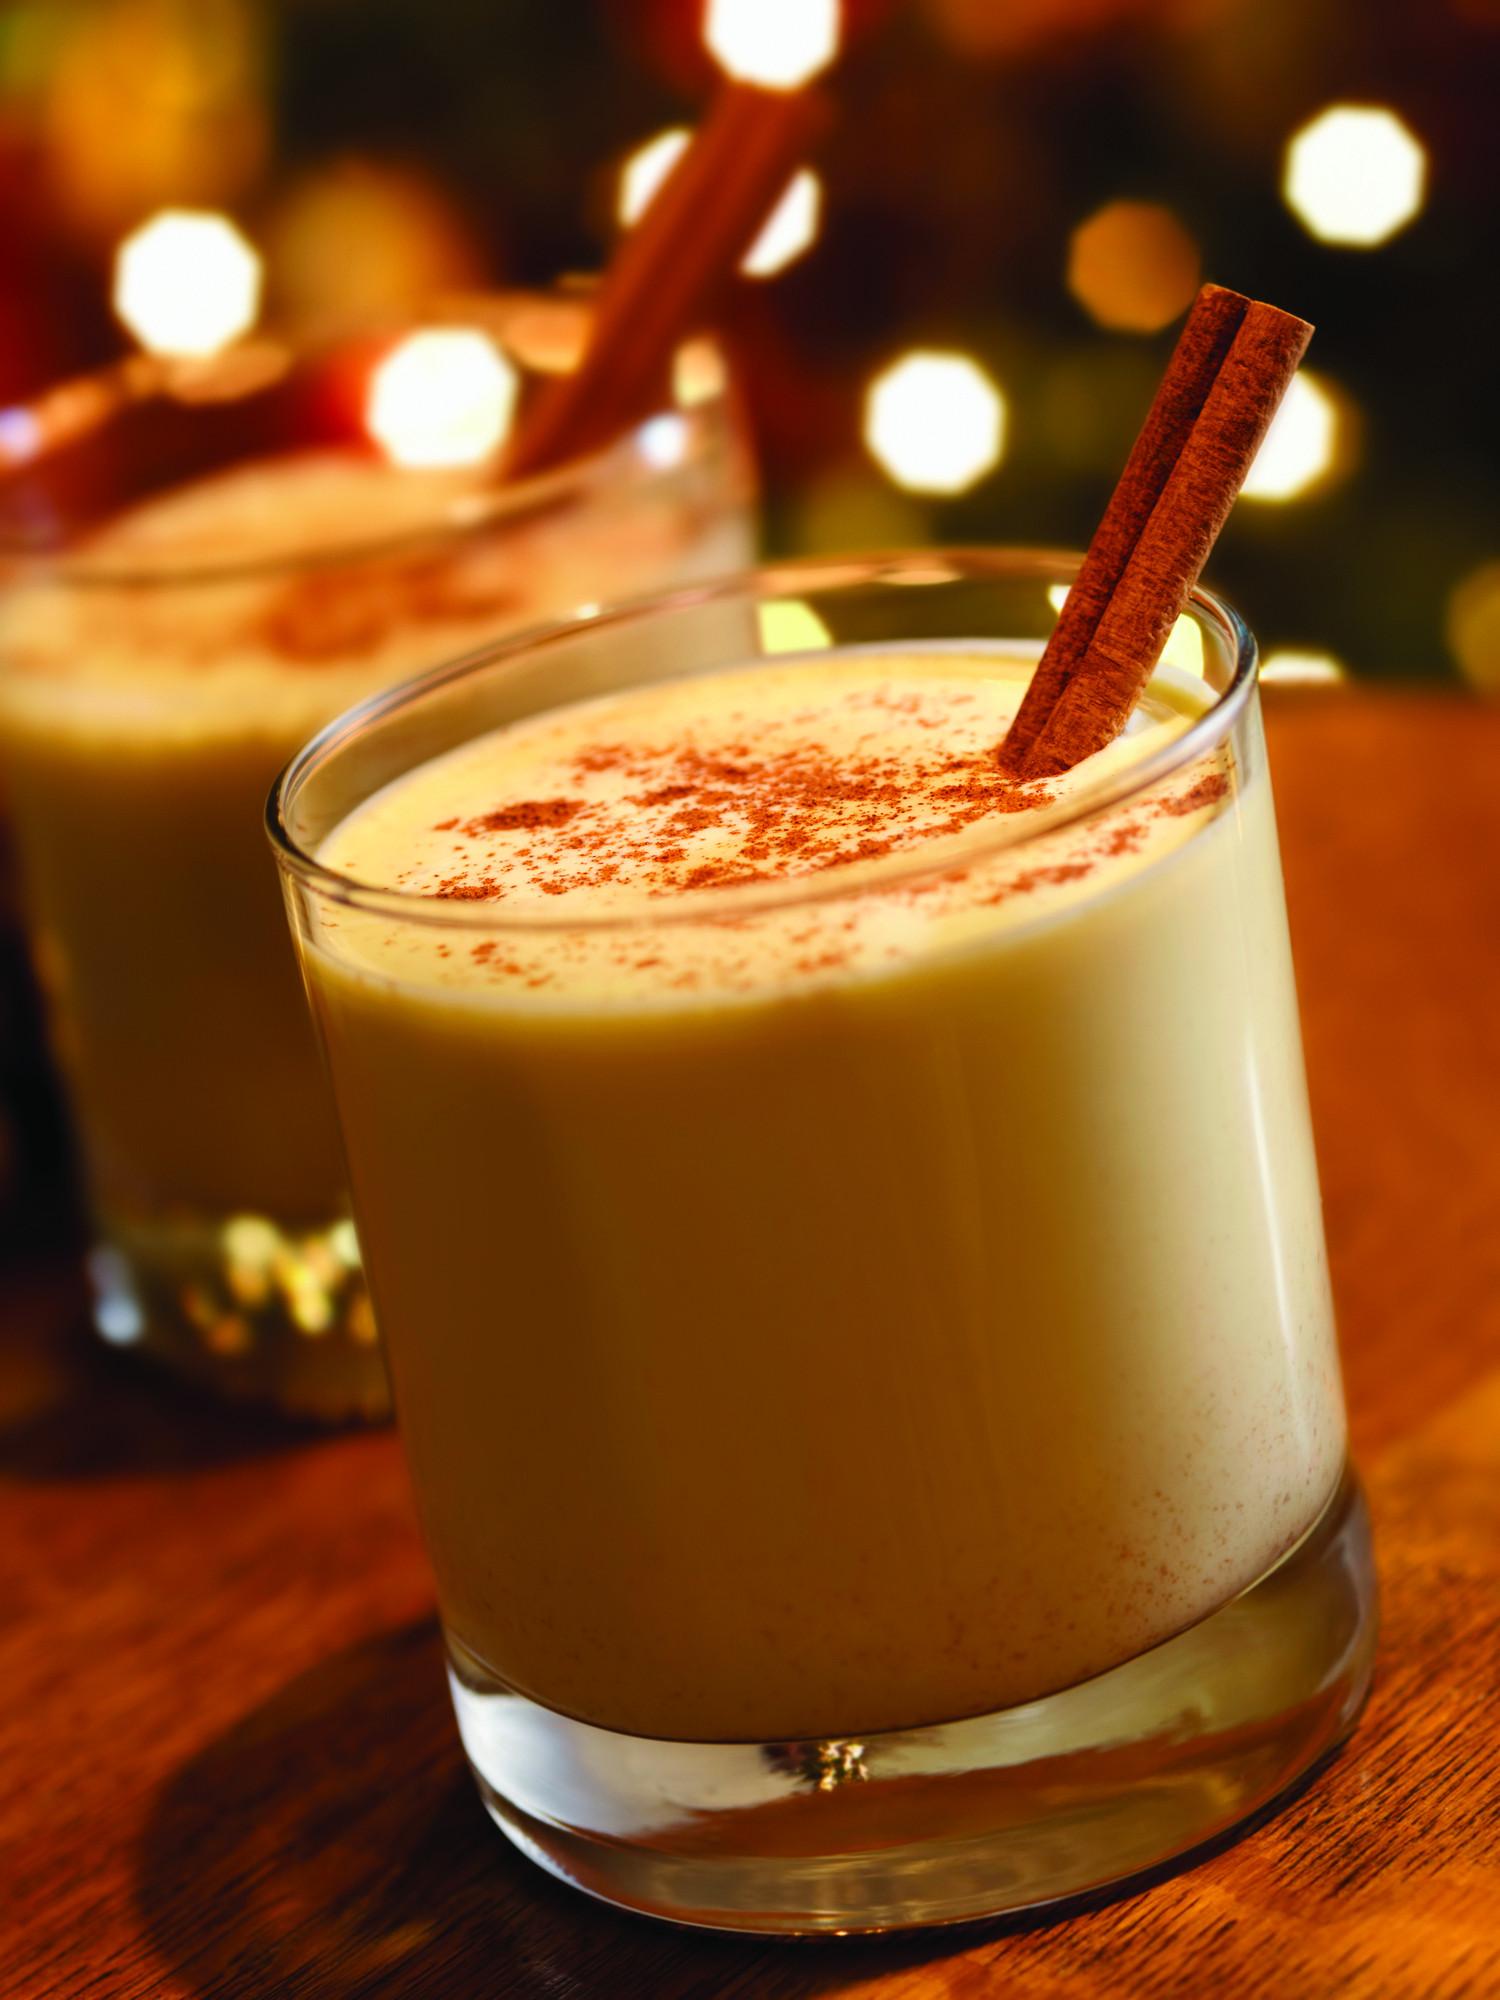 Christmas Eggnog Drinks  Holiday Coquito Cocktail Recipes from The Condado Plaza